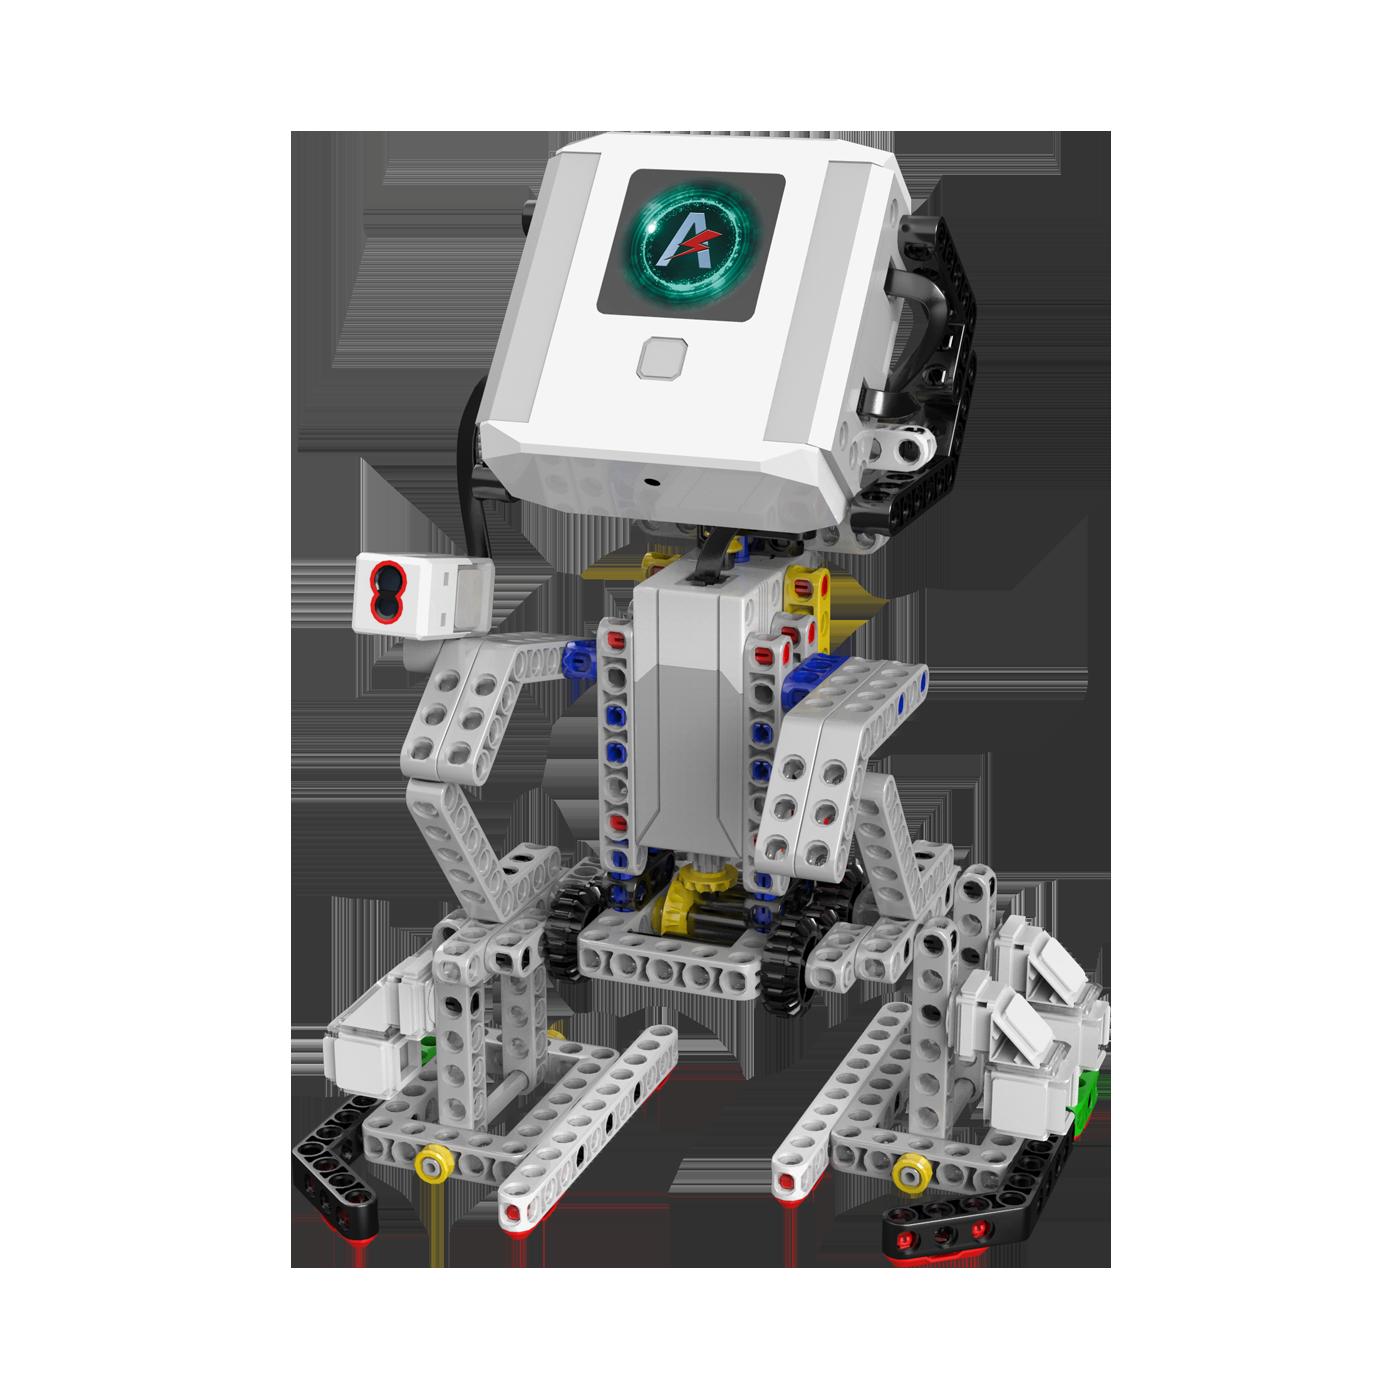 ABILIX Детский конструктор-робот в наборе Krypton 2